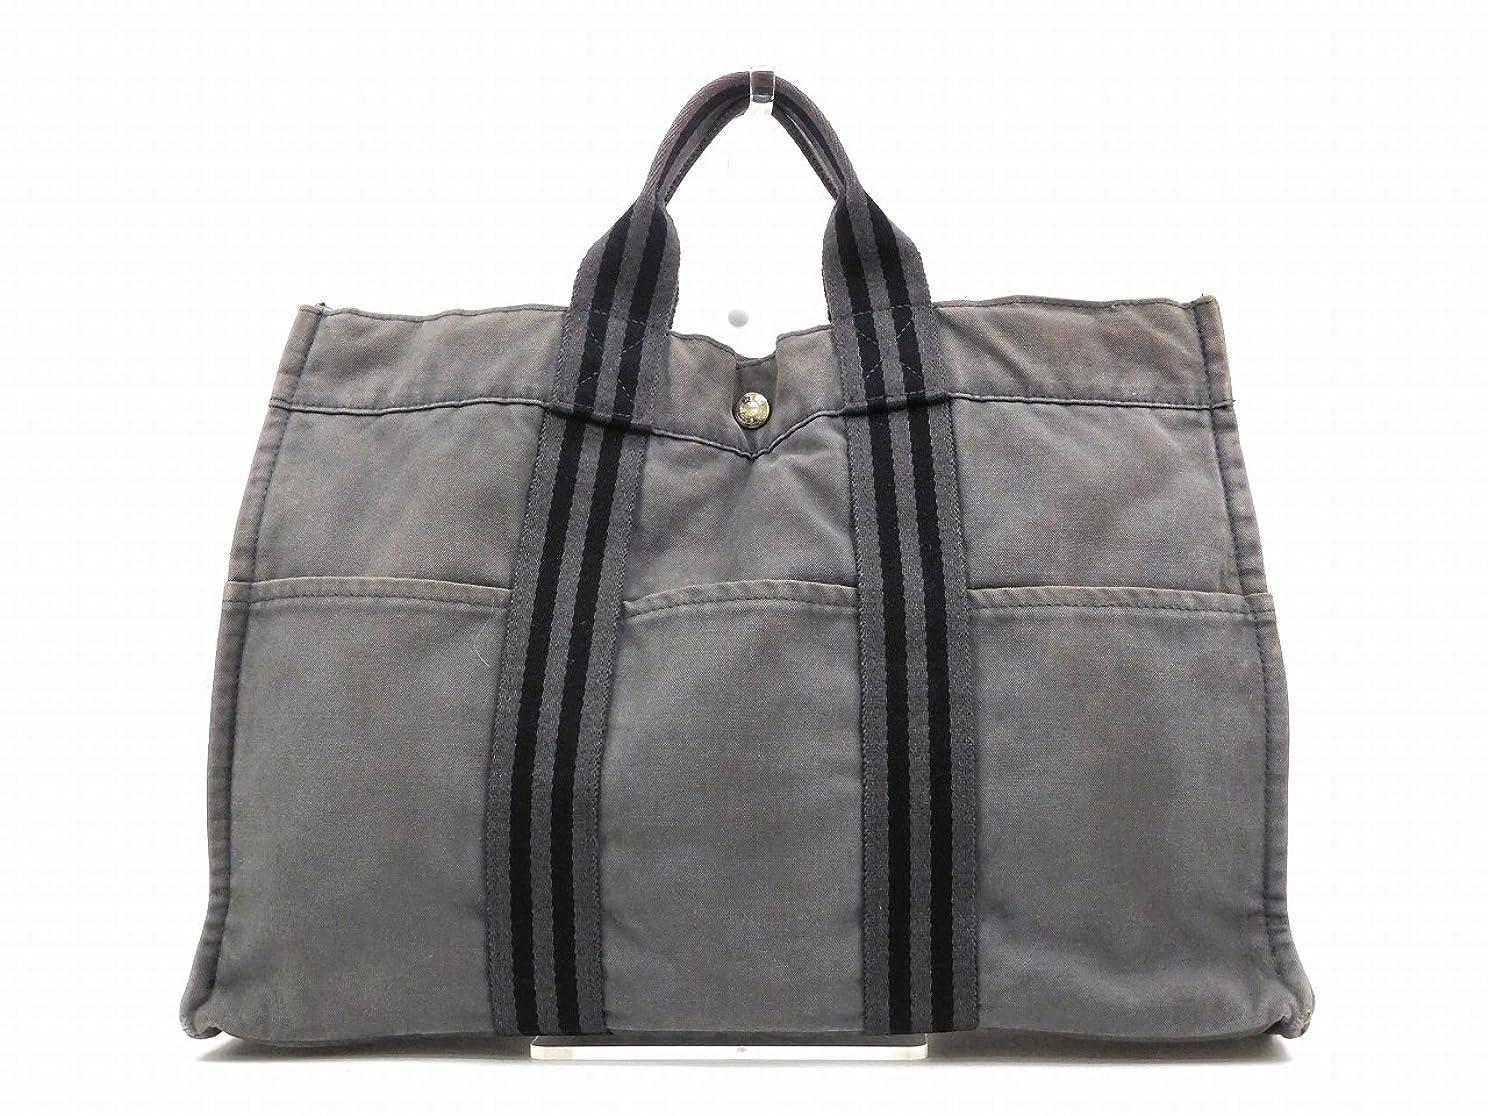 ミリメートル修理可能呼び出す[エルメス] HERMES トートバッグ 綿100% X14614 中古